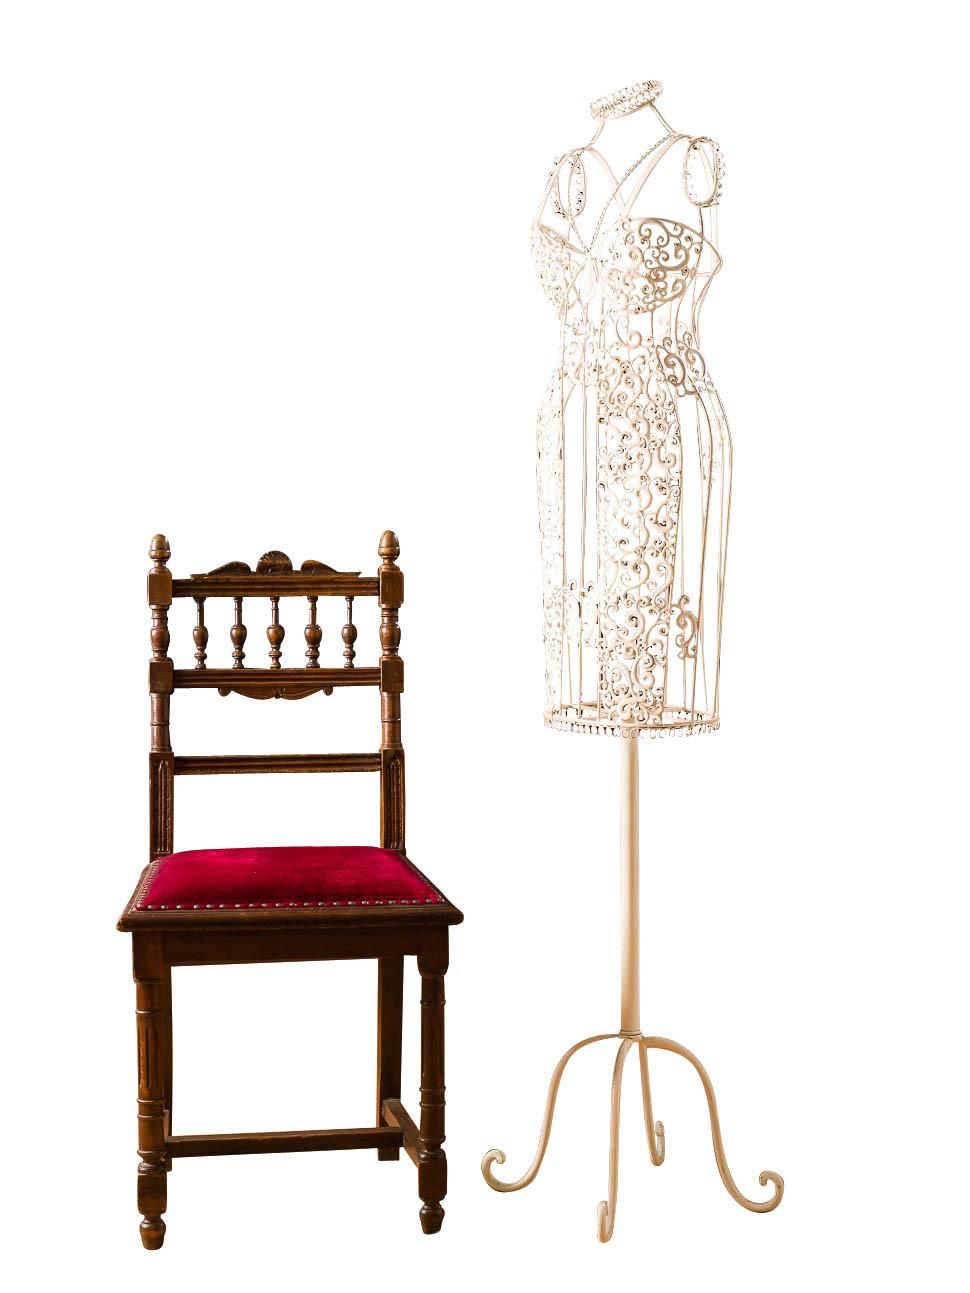 aubaho Nostalgie Schneiderpuppe Metall Garderobe Stummer Diener Puppe Antik-Stil 140cm